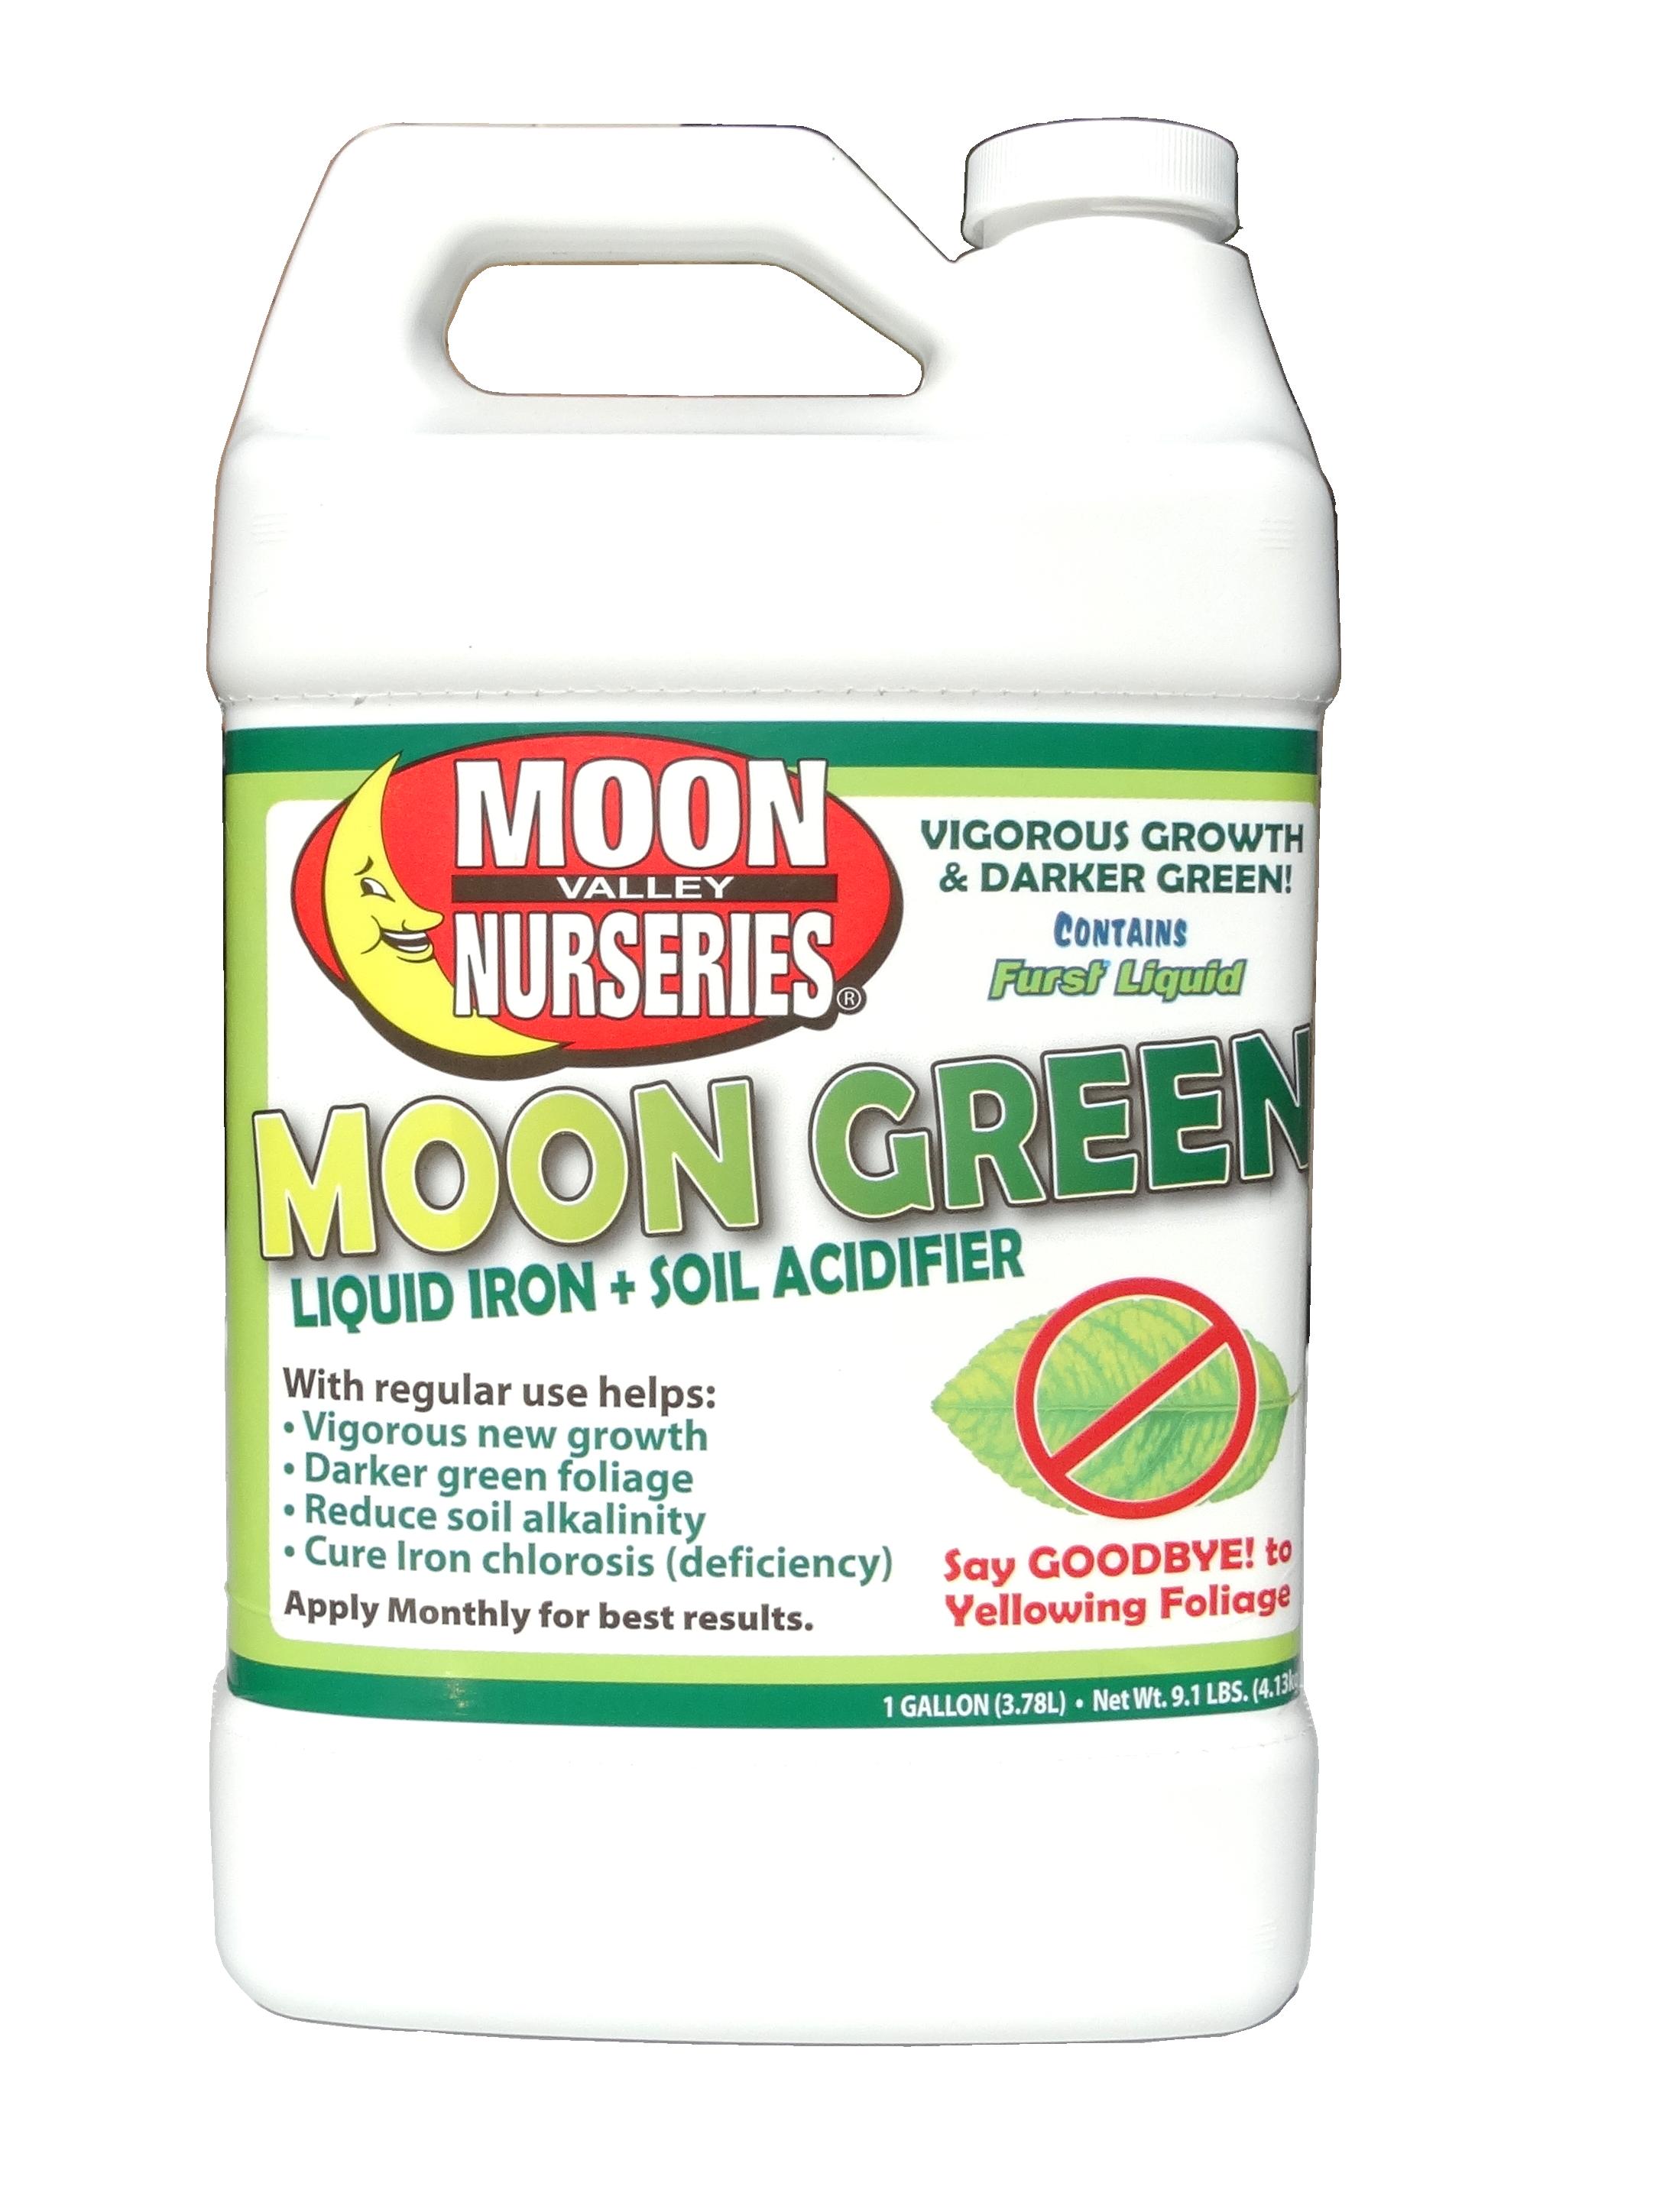 MOON GREEN CAL JUG ISO